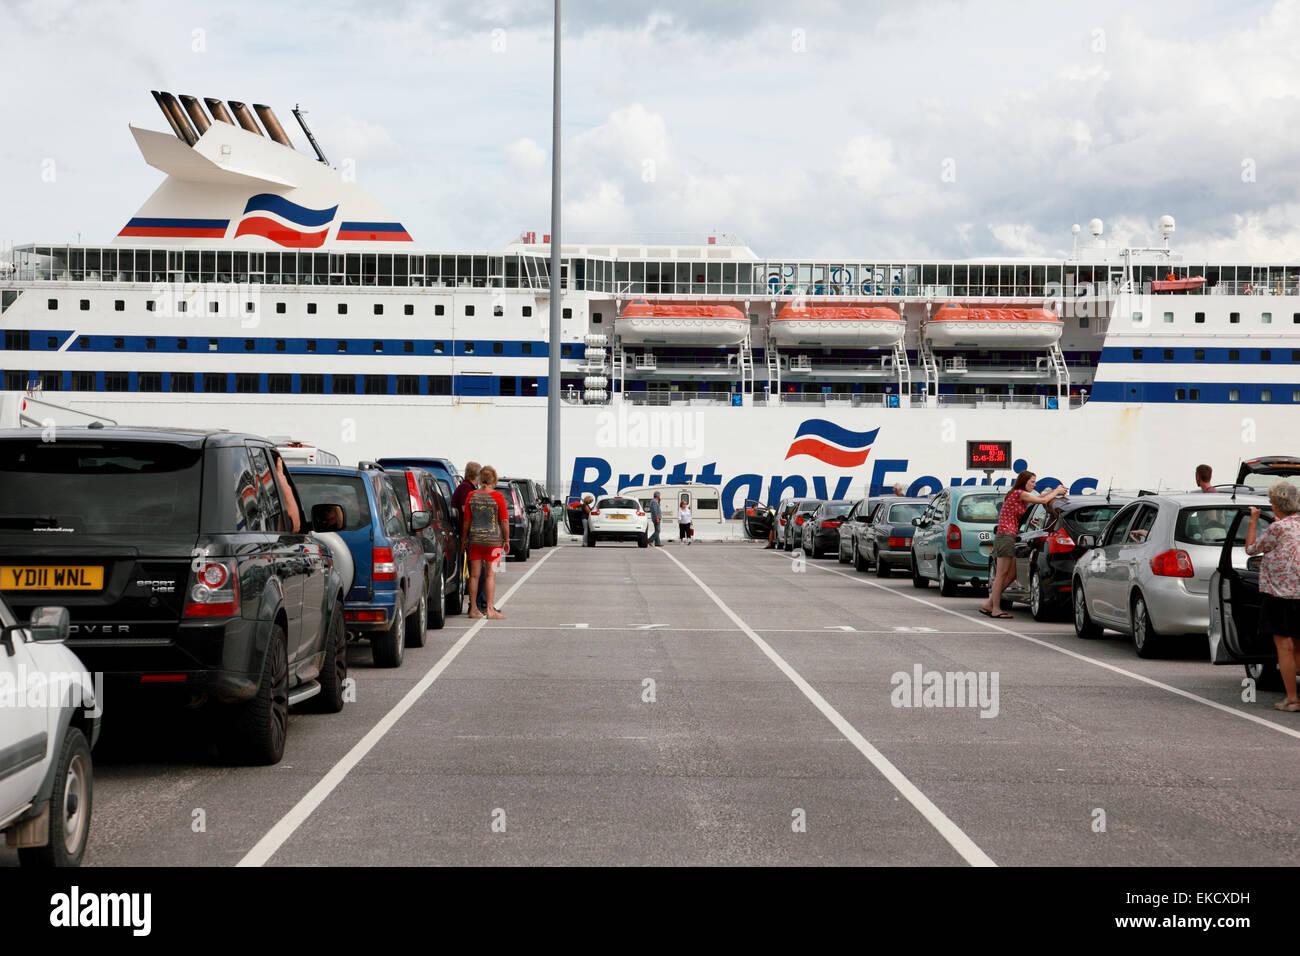 Bilbao Airport Car Rental Return